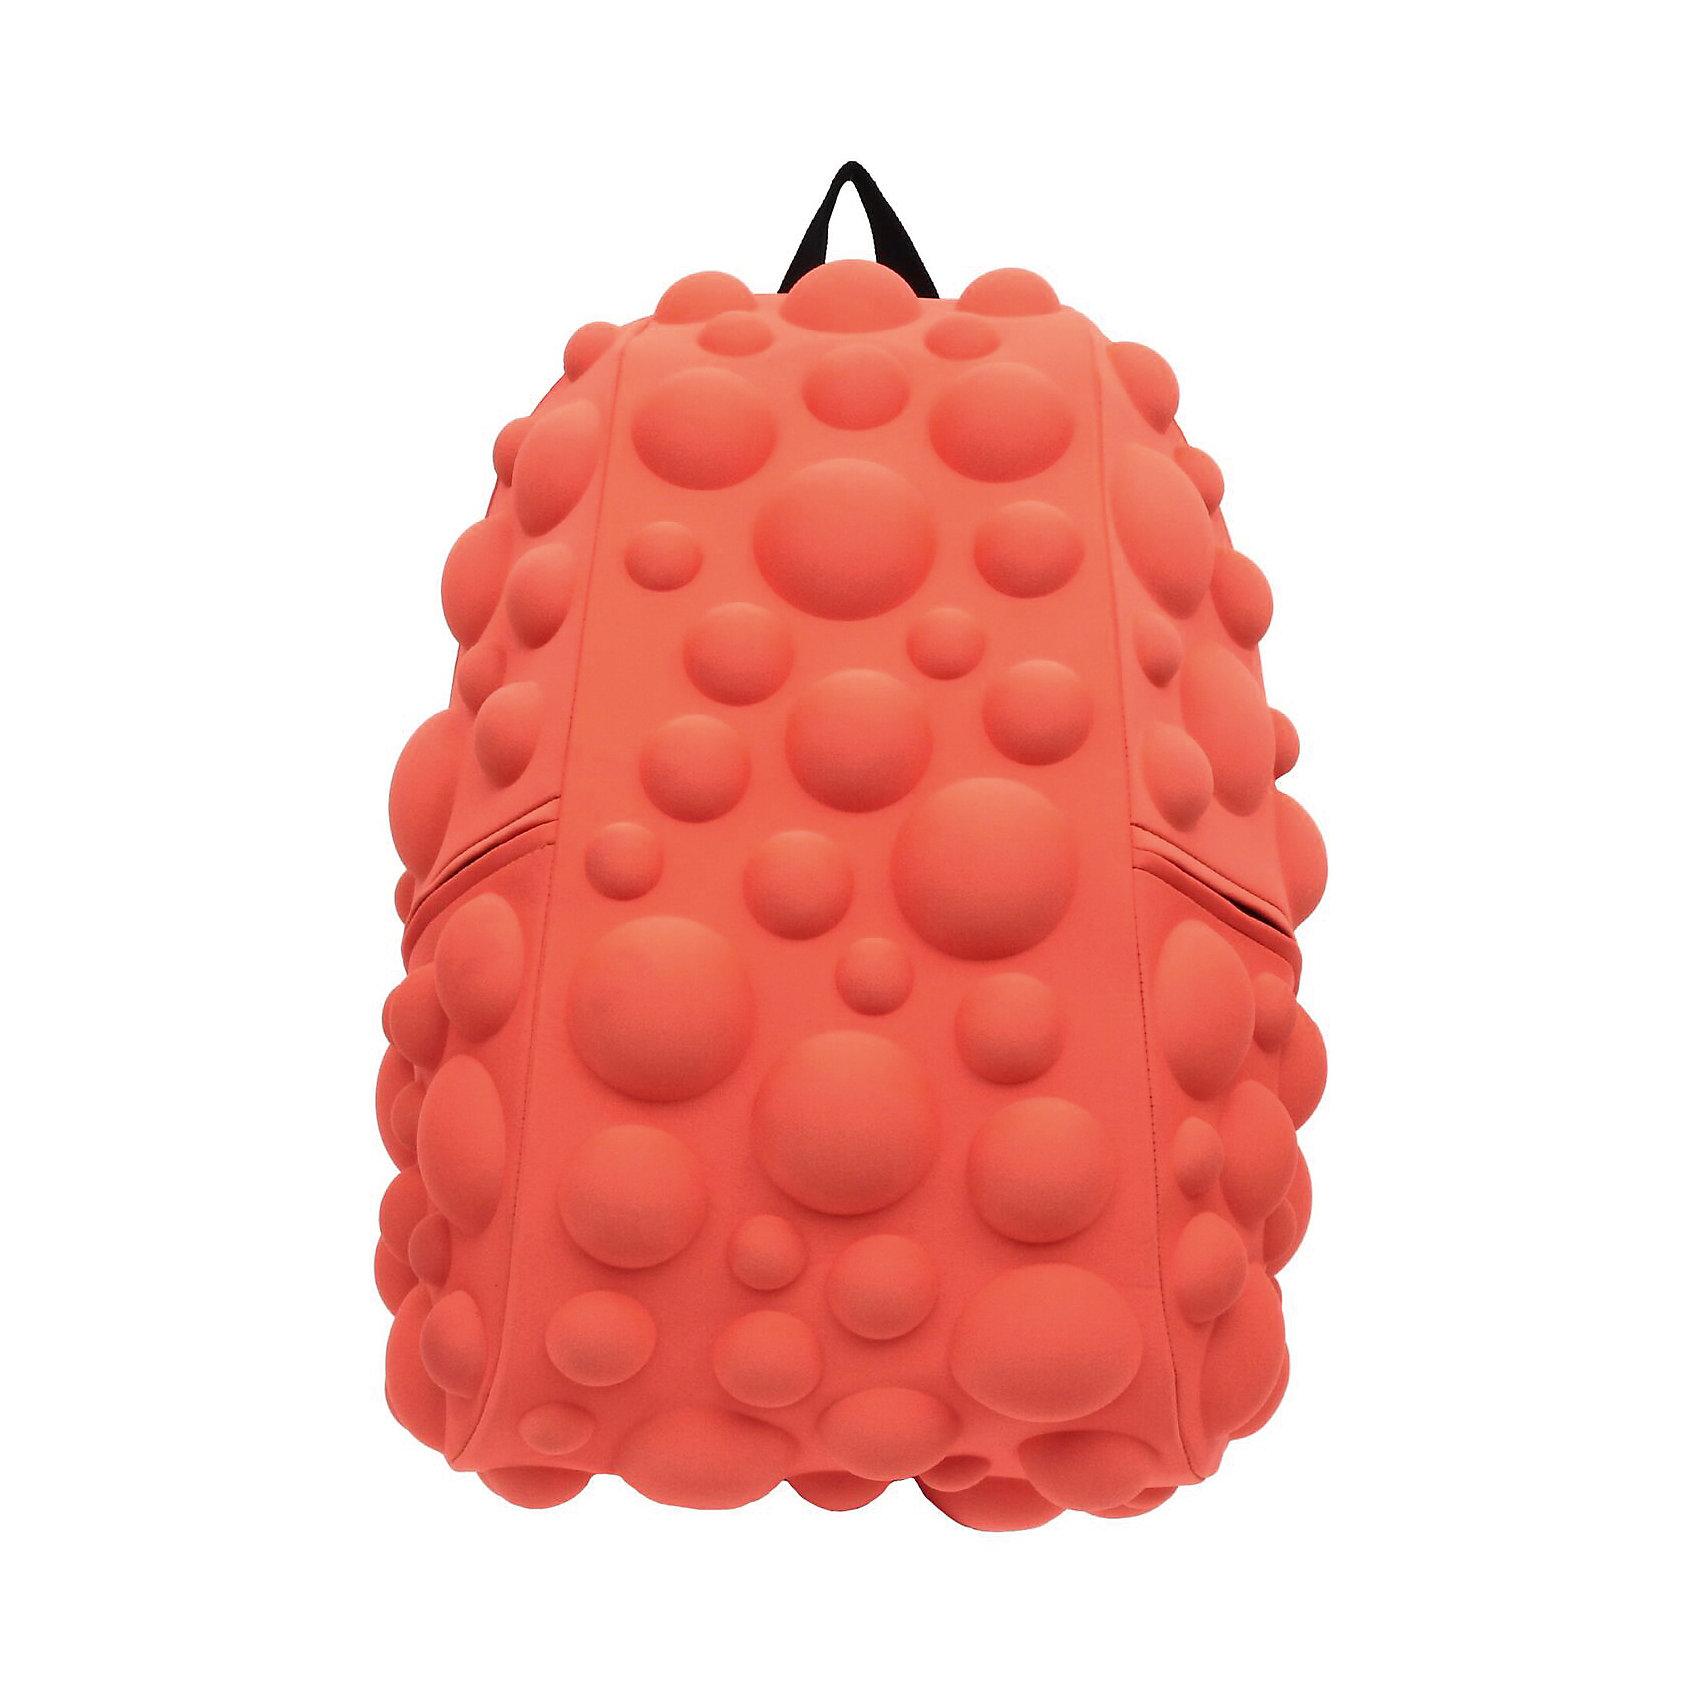 Рюкзак Bubble Full, цвет NEON оранжево-персиковыйРюкзаки<br>Вес: 0,8 кг<br>Размер: 46х36х20 см<br>Состав: рюкзак<br>Наличие светоотражающих элементов: нет<br>Материал: полиспандекс<br><br>Ширина мм: 460<br>Глубина мм: 360<br>Высота мм: 200<br>Вес г: 800<br>Возраст от месяцев: 60<br>Возраст до месяцев: 720<br>Пол: Унисекс<br>Возраст: Детский<br>SKU: 7054058